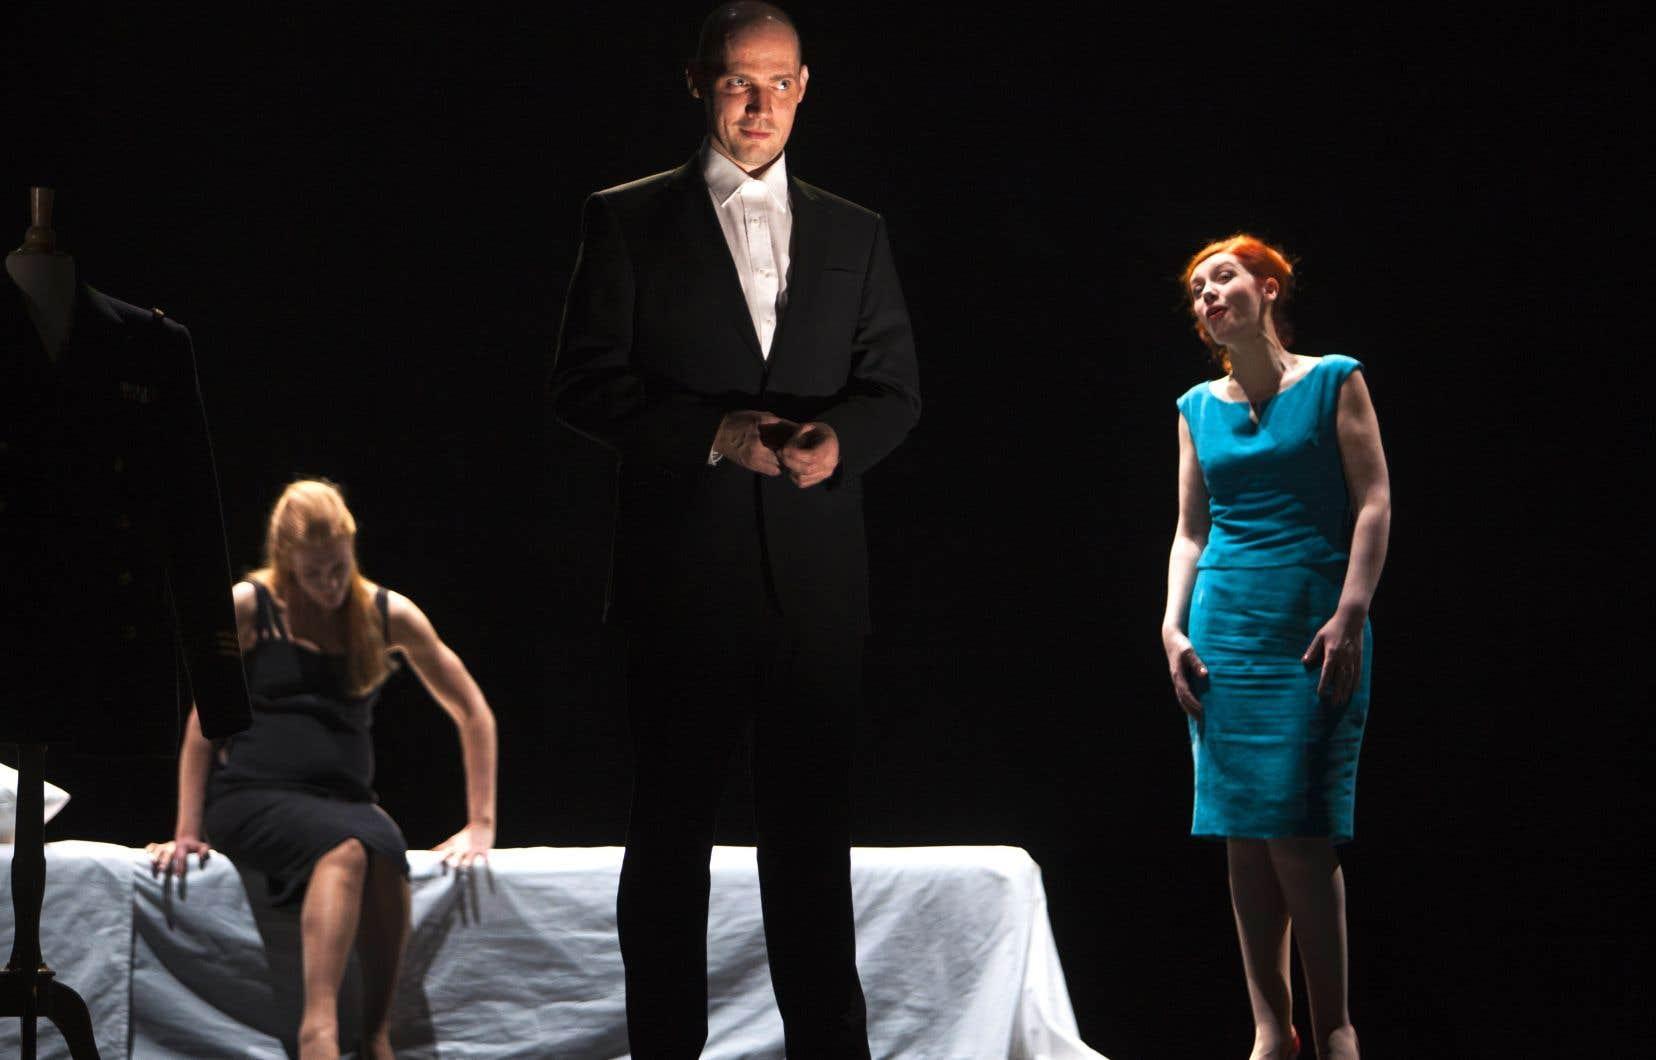 Dans la thématique «opéras inconnus», il peut s'avérer stimulant de se plonger dans les méandres du huis clos familial de «Au monde», créé en 2014 au Théâtre de la Monnaie de Bruxelles.